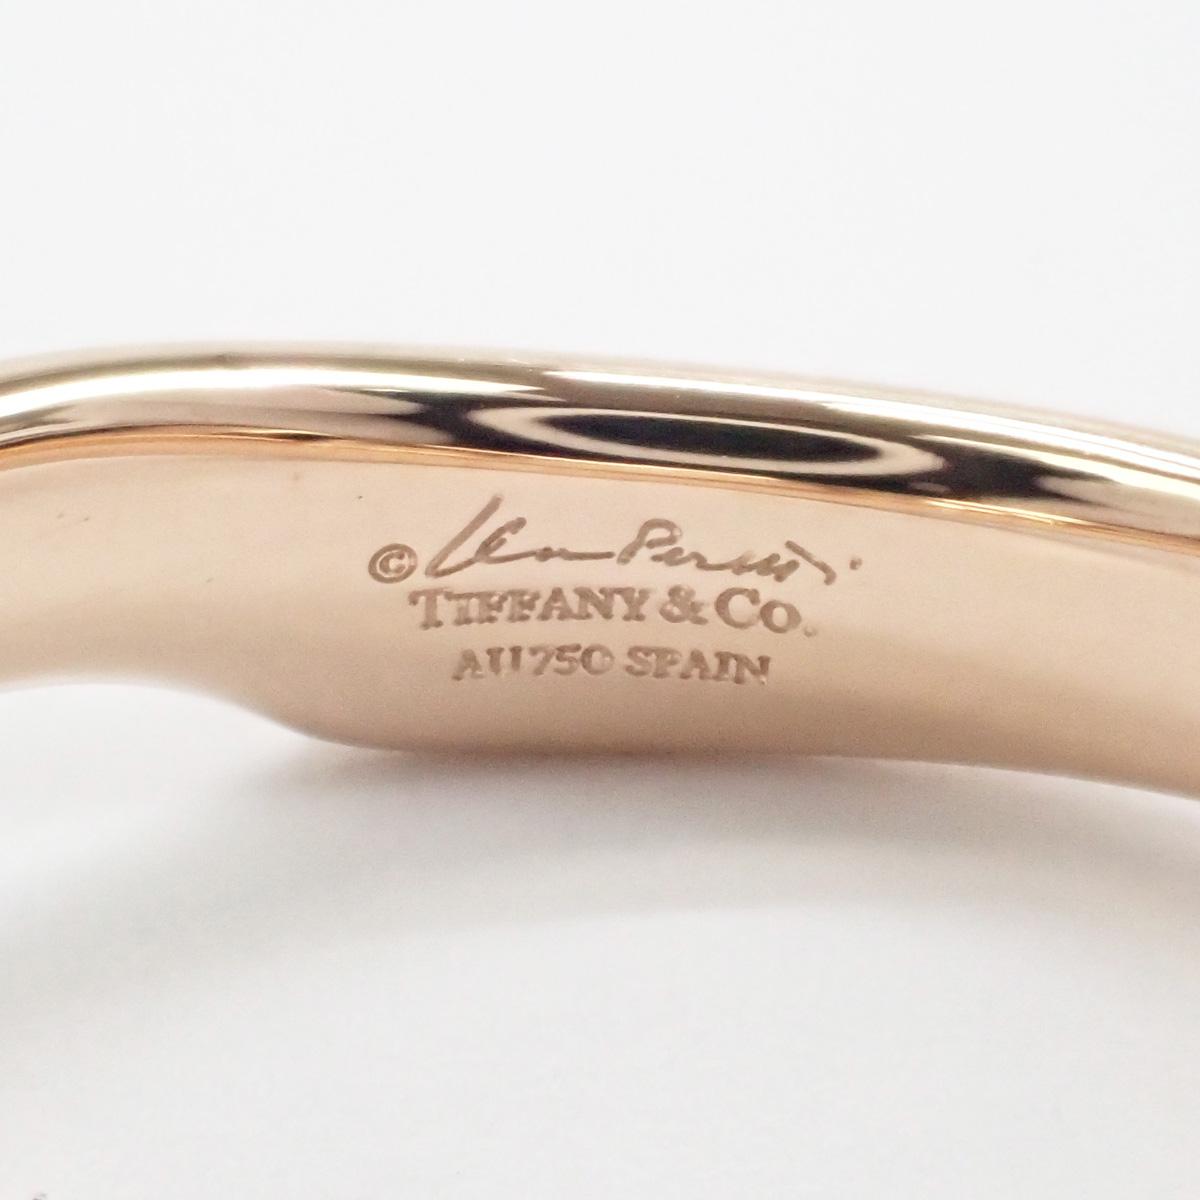 【辛口評価】【Aランク】Tiffany&Co. ティファニー K18PG オープンハート バンド リング ダイヤ 約0.04ct ゲージ棒約9号